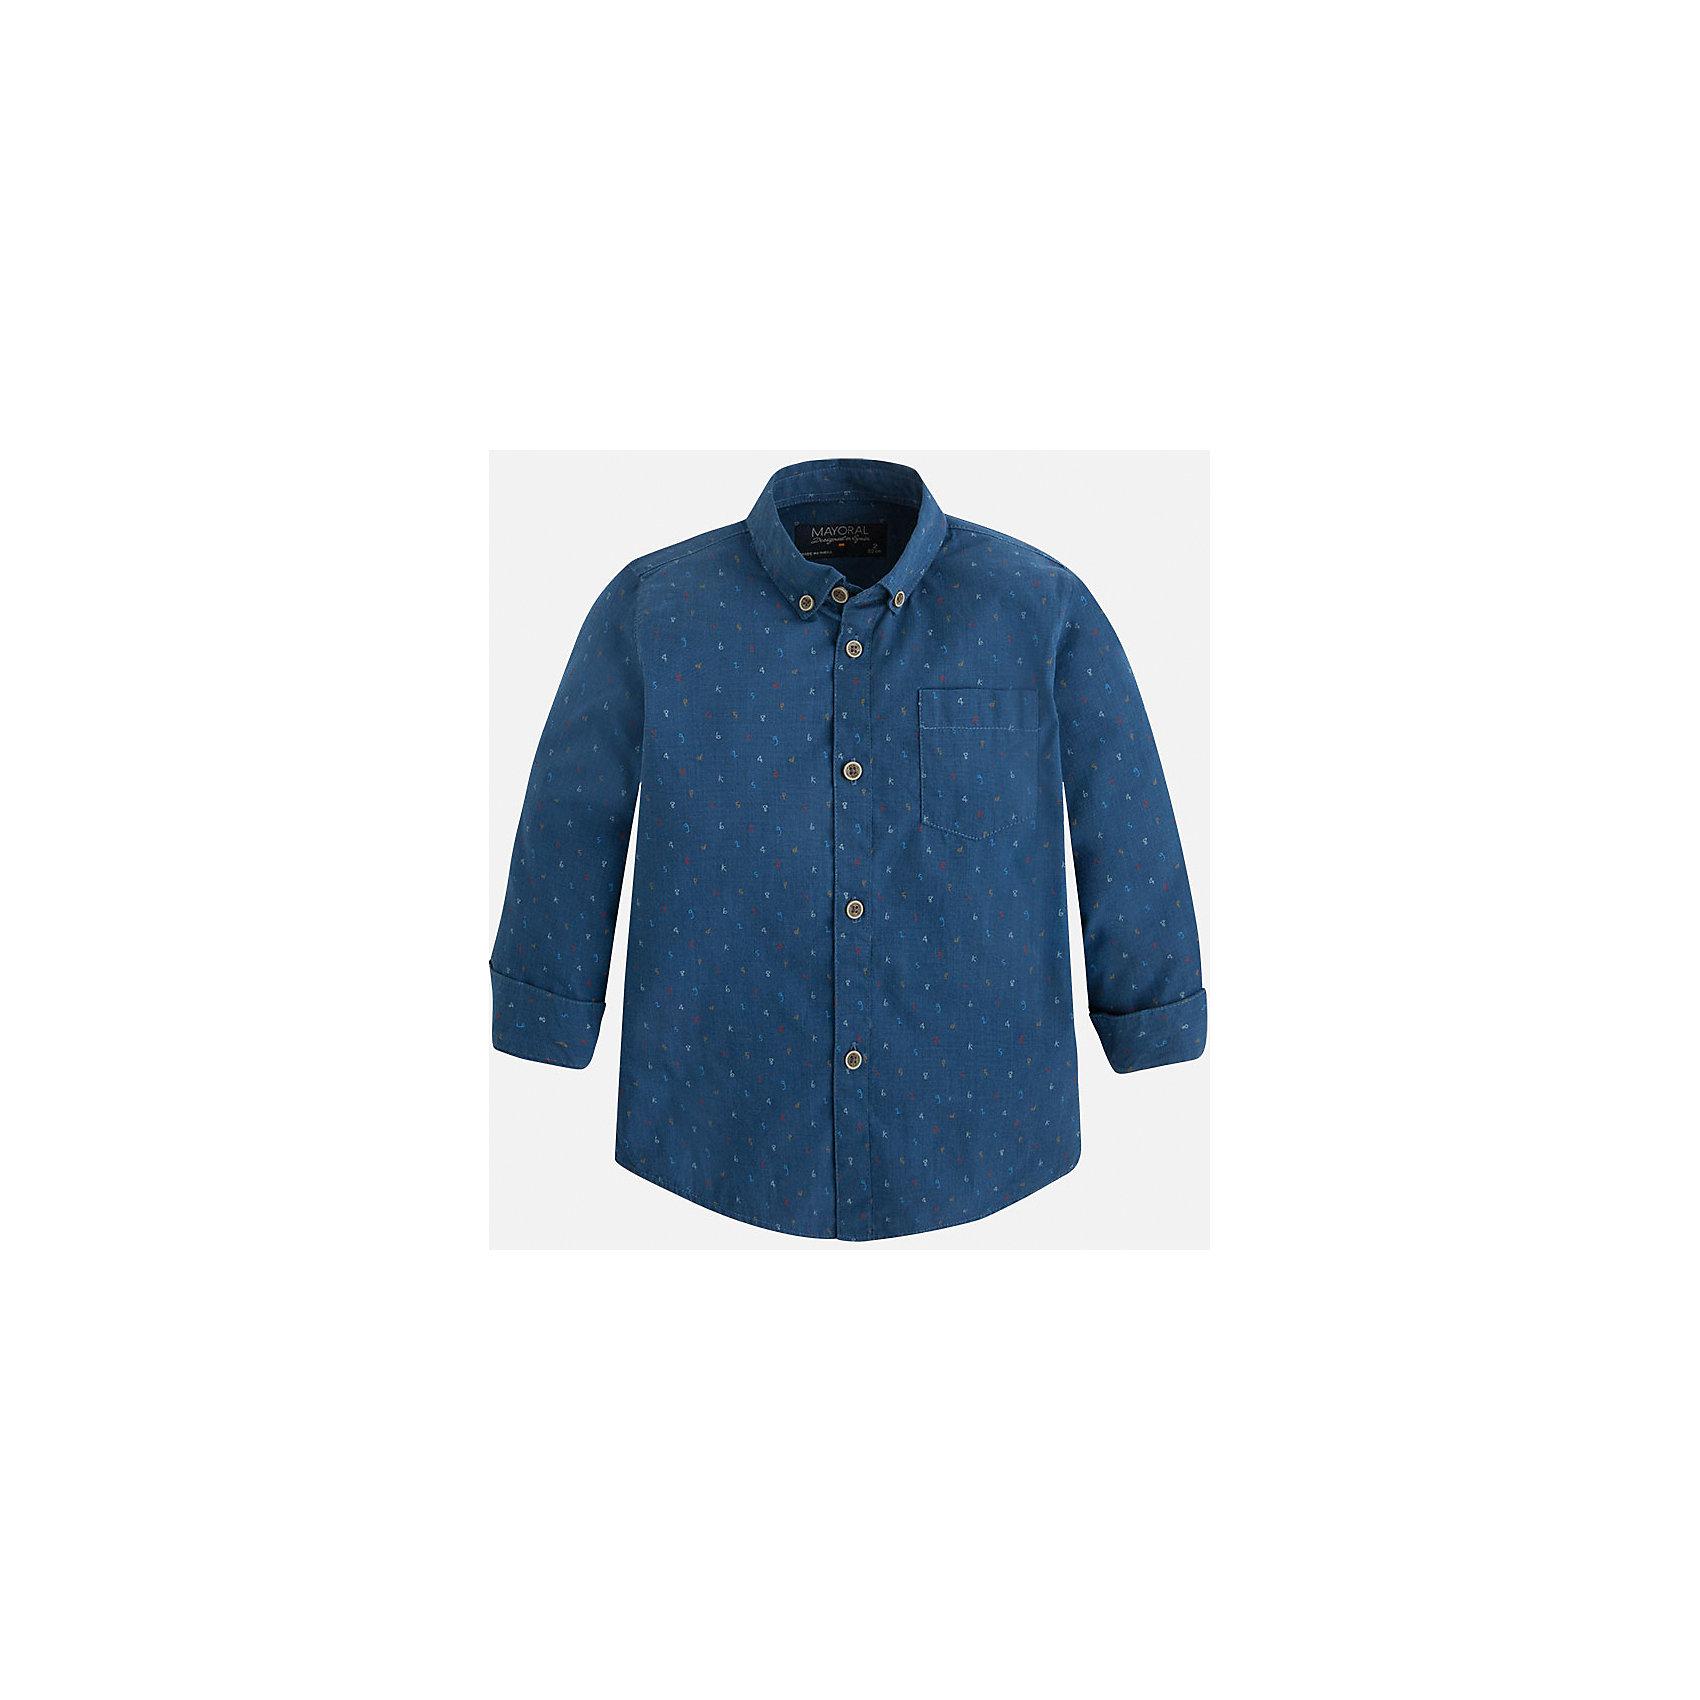 Рубашка для мальчика MayoralБлузки и рубашки<br>Рубашка для мальчика Mayoral (Майорал) – это стильная модная и практичная модель.<br>Рубашка с длинными рукавами от известной испанской марки Mayoral (Майорал), выполненная из натурального хлопка, станет прекрасным дополнением гардероба вашего мальчика. Рубашка застегивается на пуговицы, на груди имеется накладной кармашек. Уголки воротника пристегиваются на пуговицы к ткани рубашки. Комфортный крой гарантирует свободу движений.<br><br>Дополнительная информация:<br><br>- Цвет: синий<br>- Состав: 100% хлопок<br>- Уход: бережная стирка при 30 градусах<br><br>Рубашку для мальчика Mayoral (Майорал) можно купить в нашем интернет-магазине.<br><br>Ширина мм: 174<br>Глубина мм: 10<br>Высота мм: 169<br>Вес г: 157<br>Цвет: синий<br>Возраст от месяцев: 24<br>Возраст до месяцев: 36<br>Пол: Мужской<br>Возраст: Детский<br>Размер: 98,104,110,116,122,128,134<br>SKU: 4821174